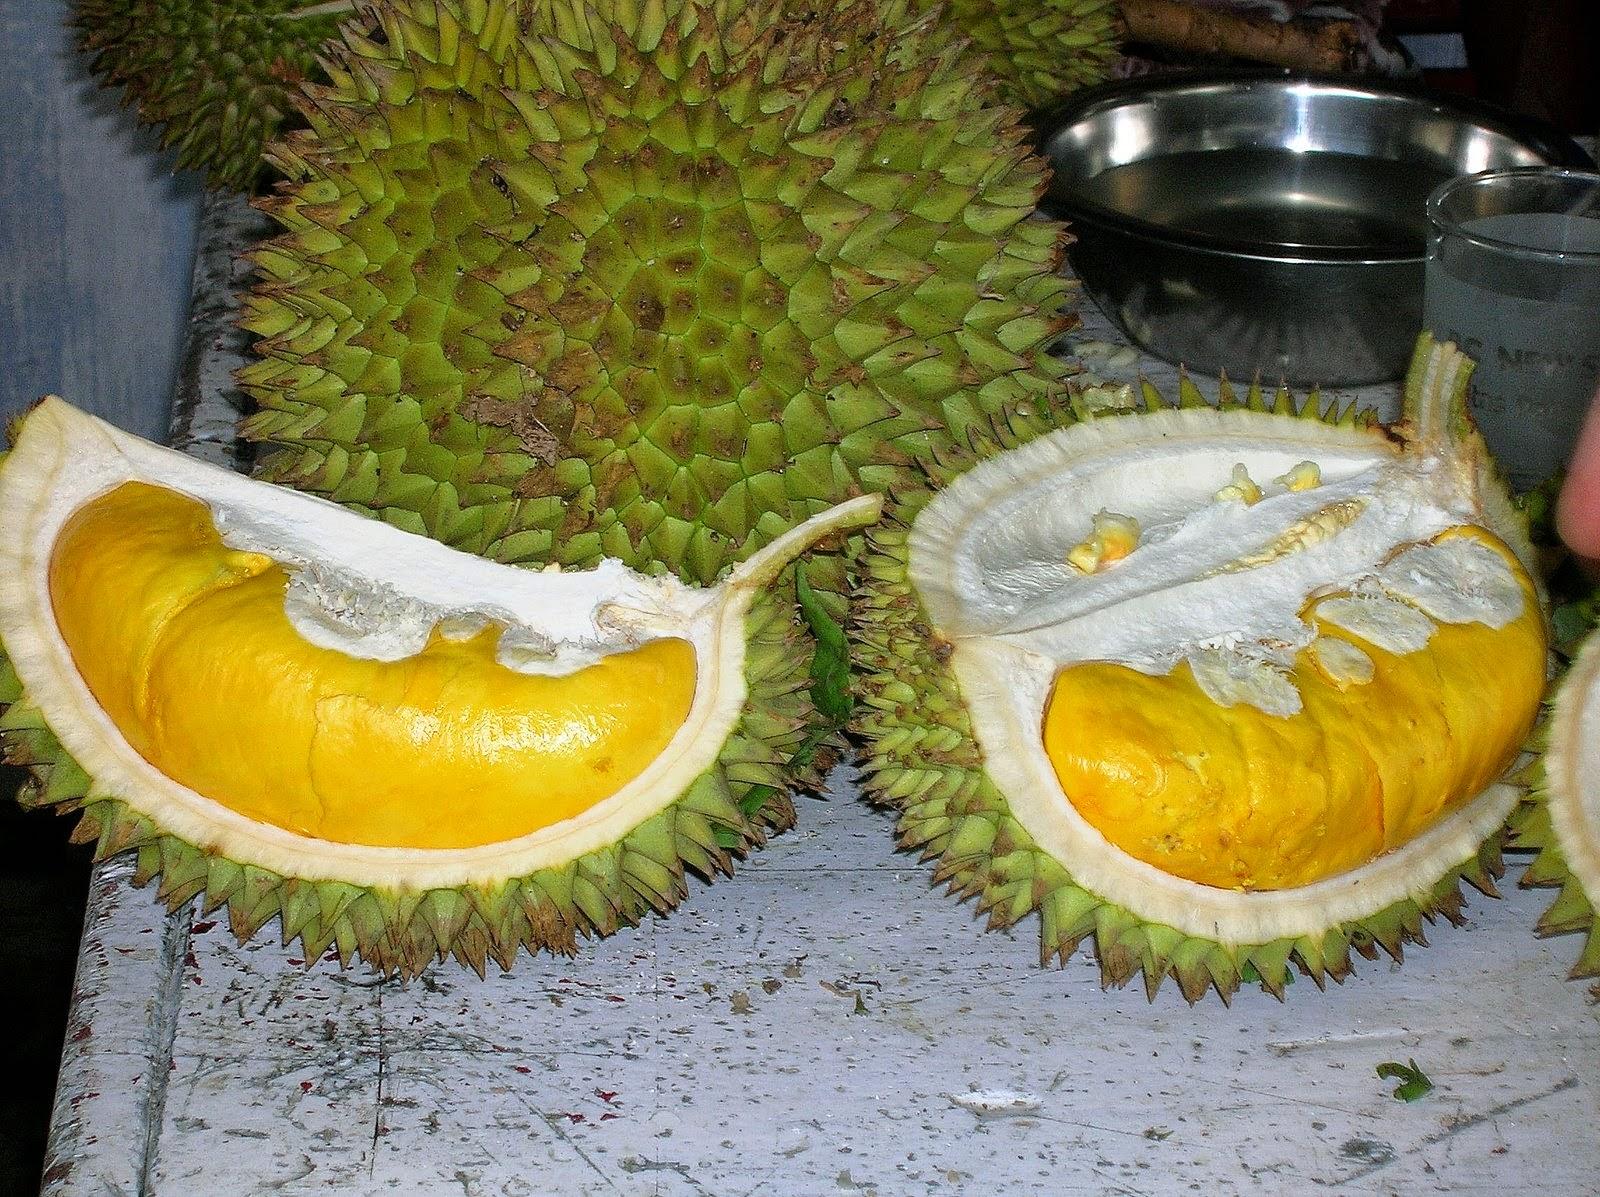 Hampir dapat di pastikan sebagian besar masyarakat indonesia pastilah mengenal buah yang s 7 Manfaat Buah Durian Untuk Kesehatan Yang Harus Kamu Tau